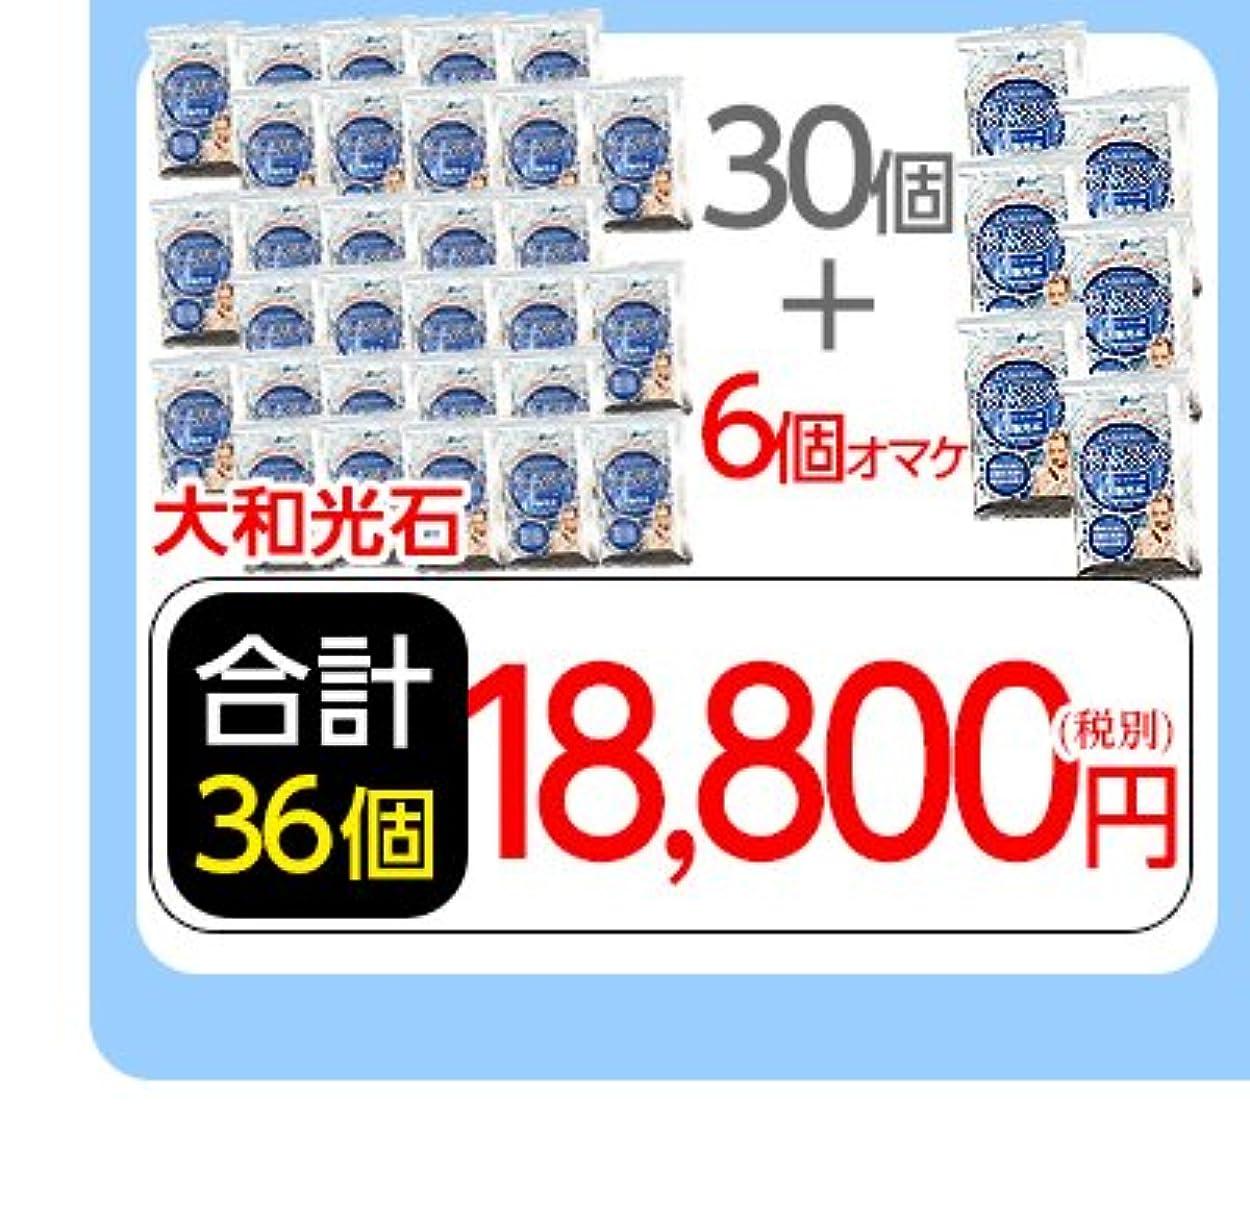 セッションしなければならない再編成するデトキシャン水素スパ☆大和光石30個+6個オマケ